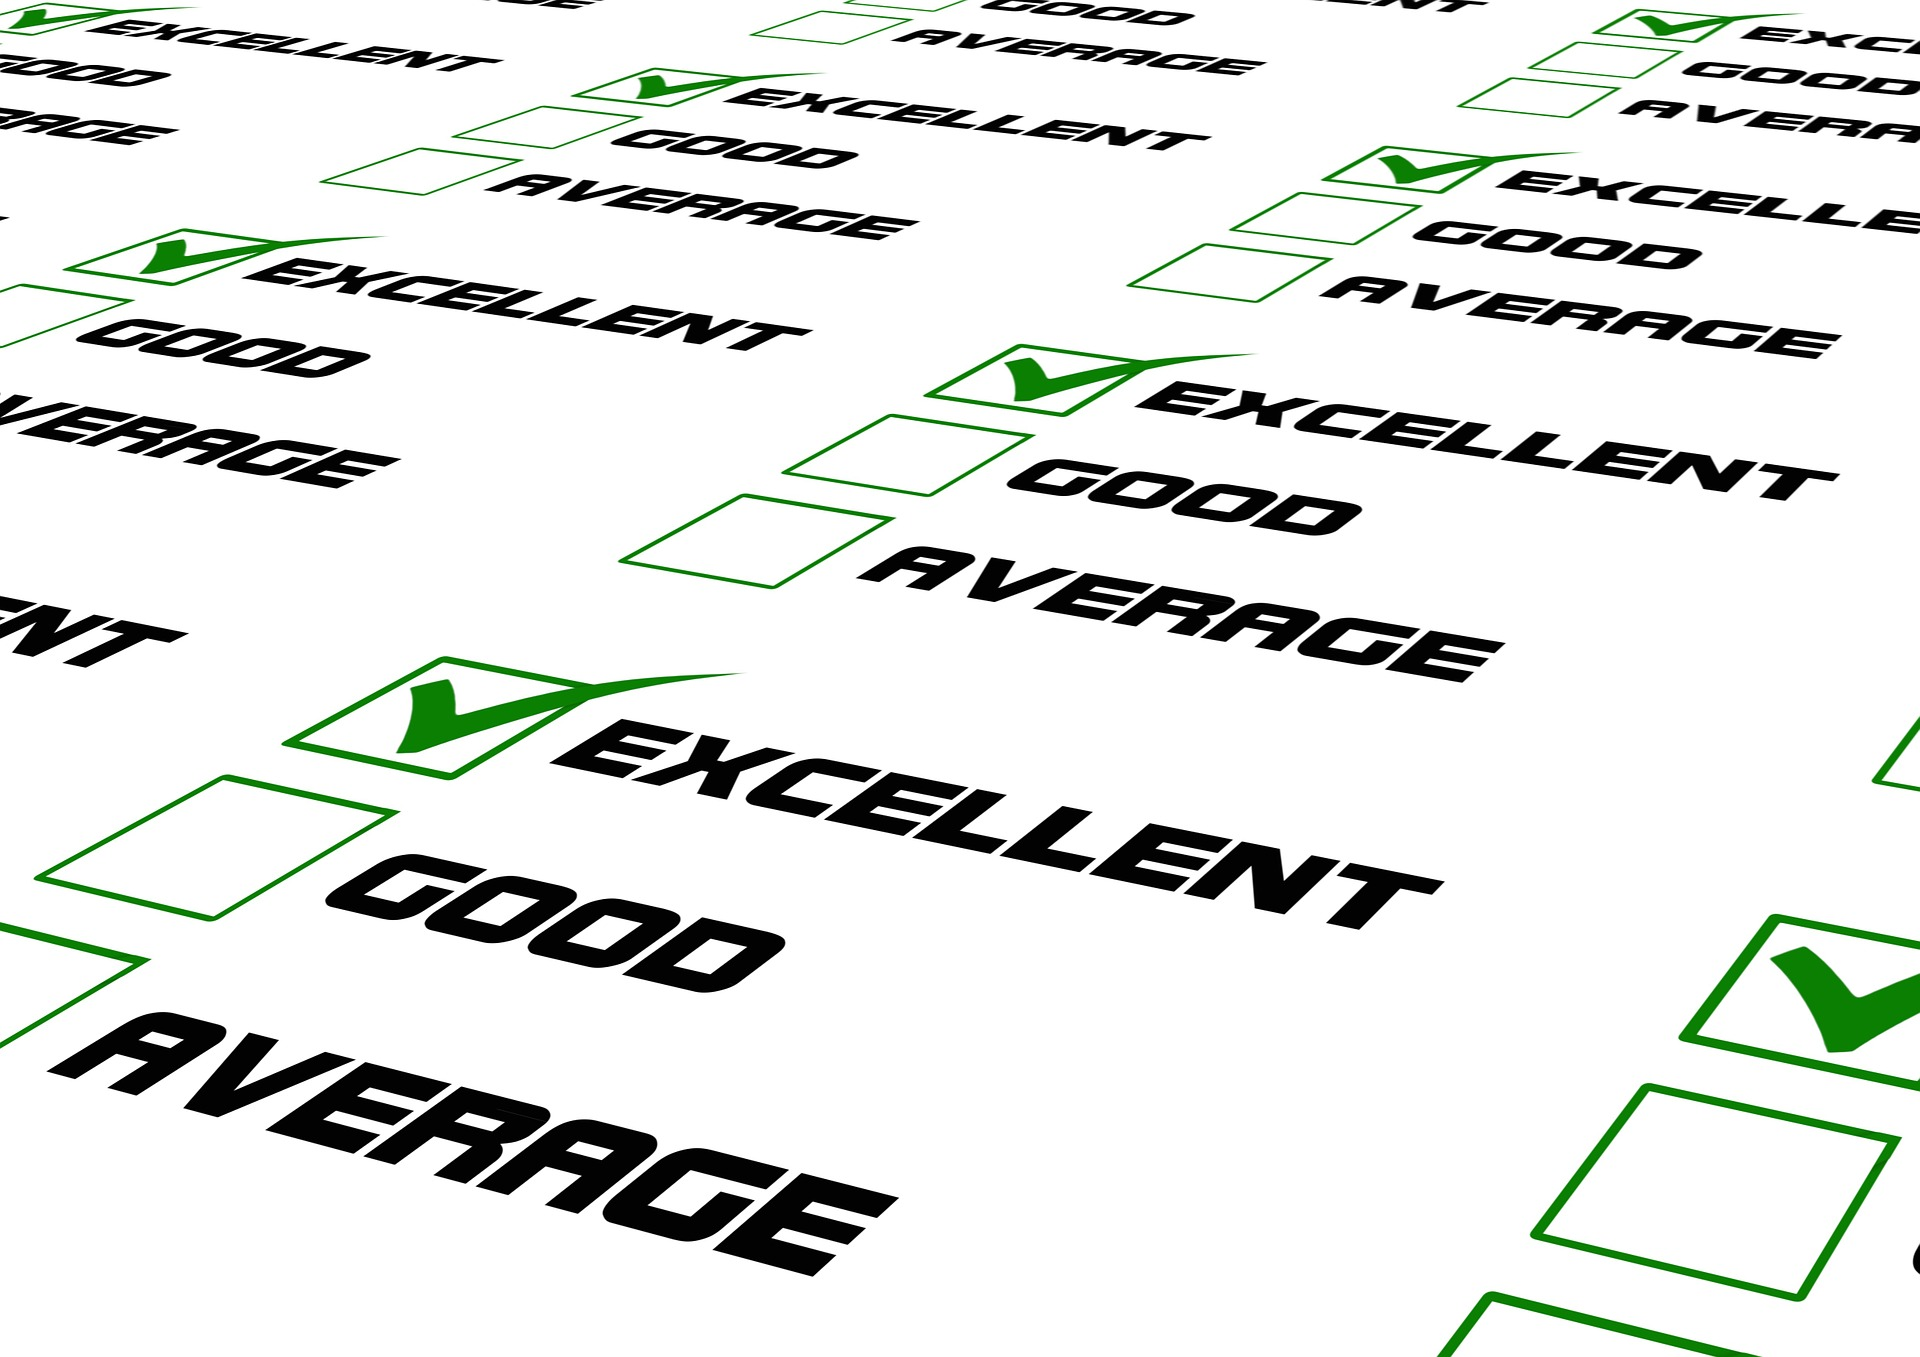 calidad-iso-9001 El papel de los líderes en la nueva Norma ISO 9001:2015